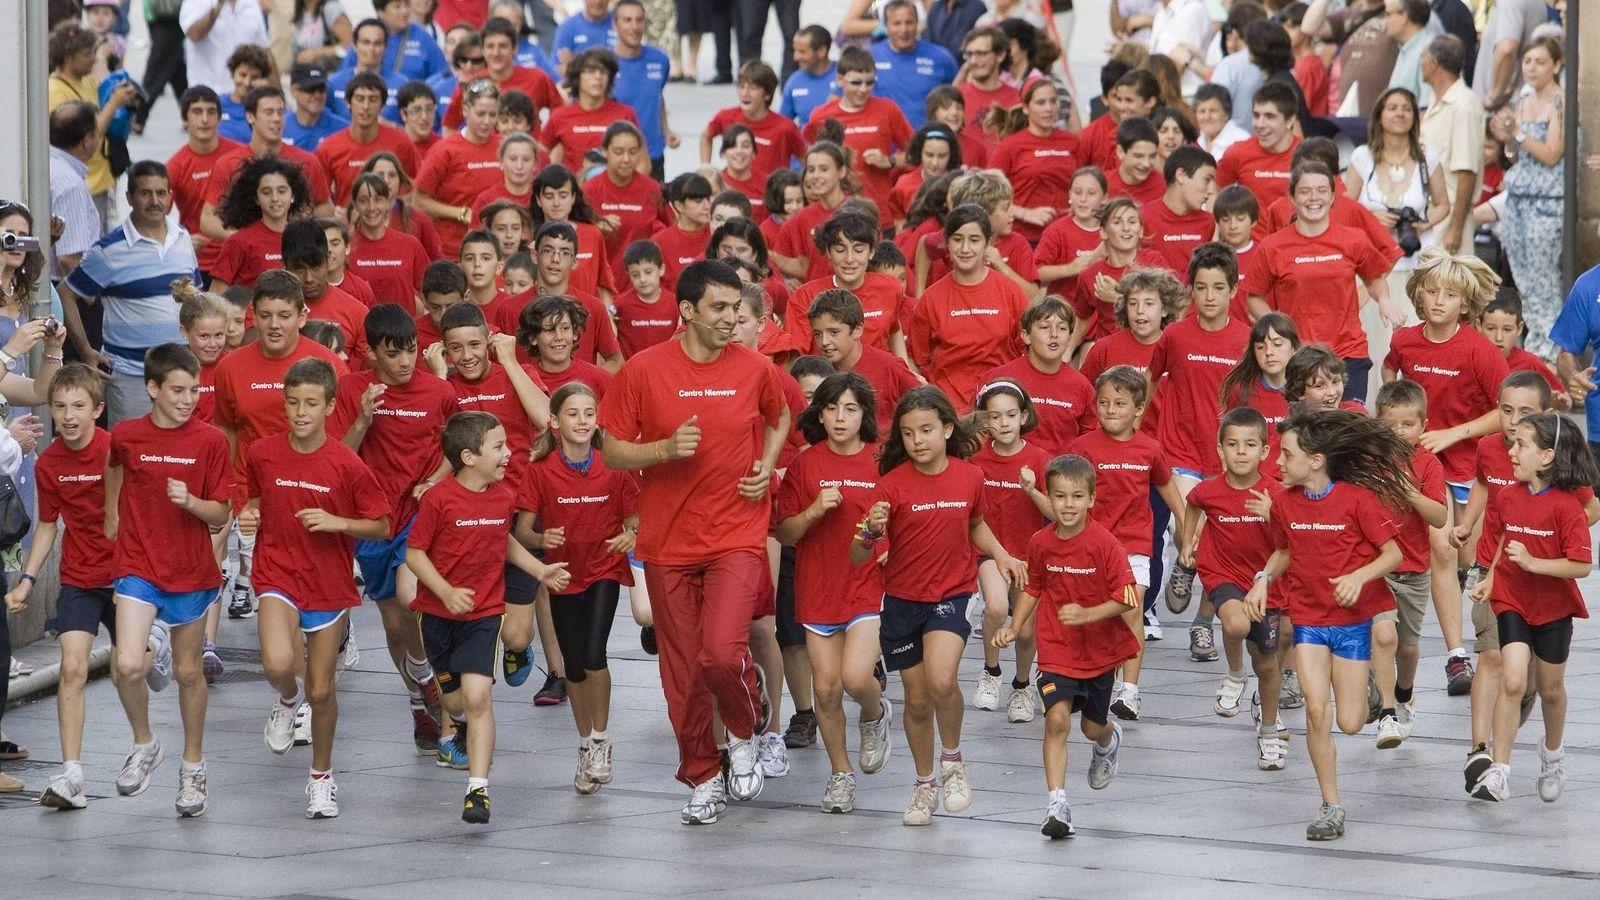 Foto: El atleta marroquí campeón olímpico Hicham El Guerrouj durante su participación en un encuentro con niños de entre 6 y 14 años en 2010 (EFE)